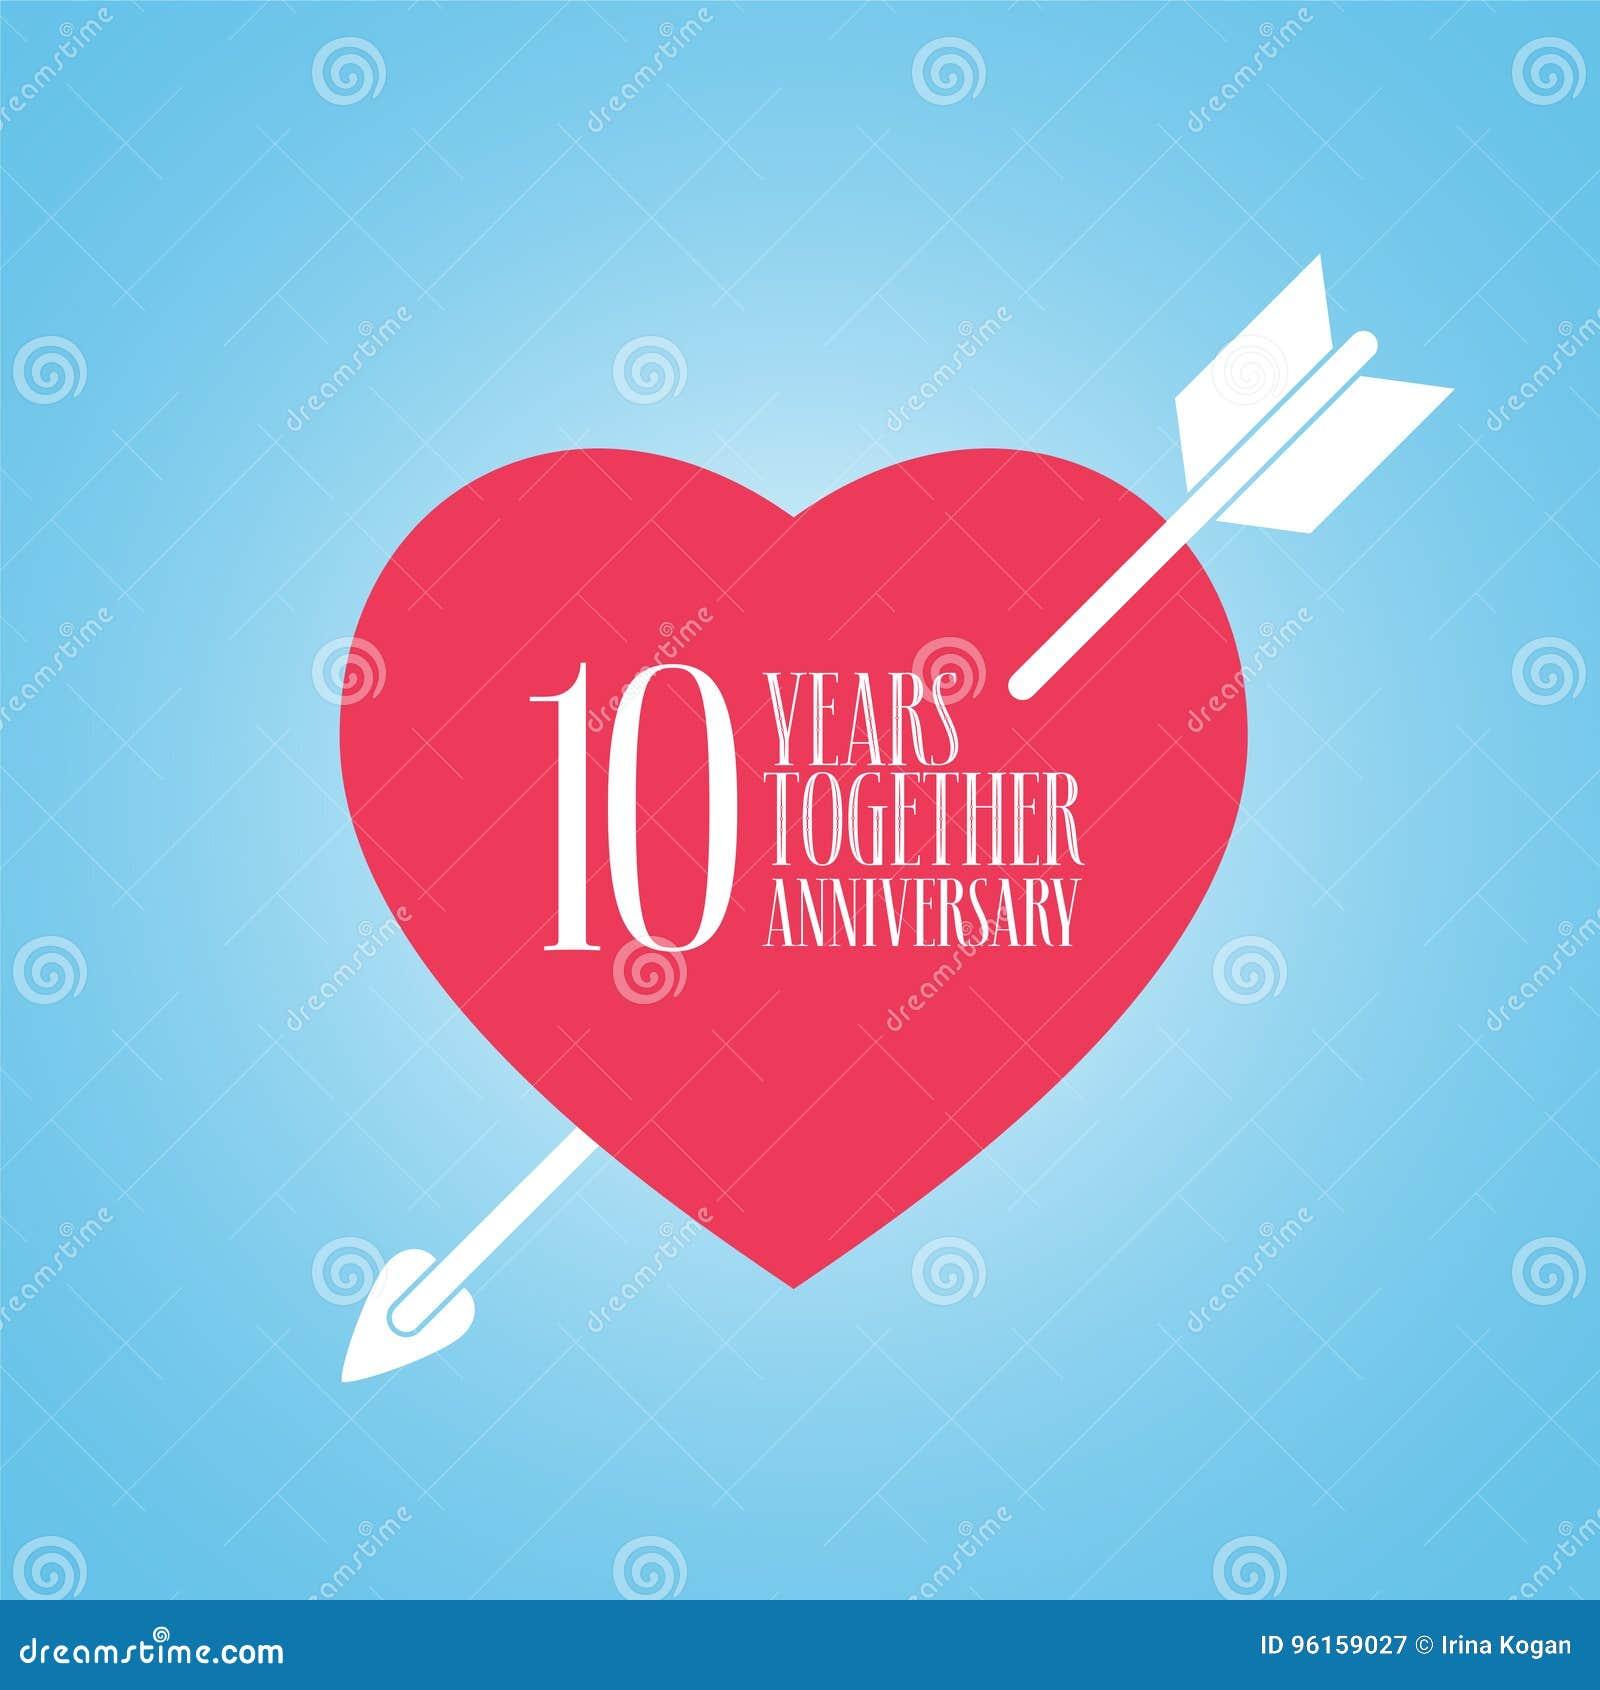 Anniversario Matrimonio Dieci Anni.10 Anni Di Anniversario Dell Icona Di Vettore Di Matrimonio O Di